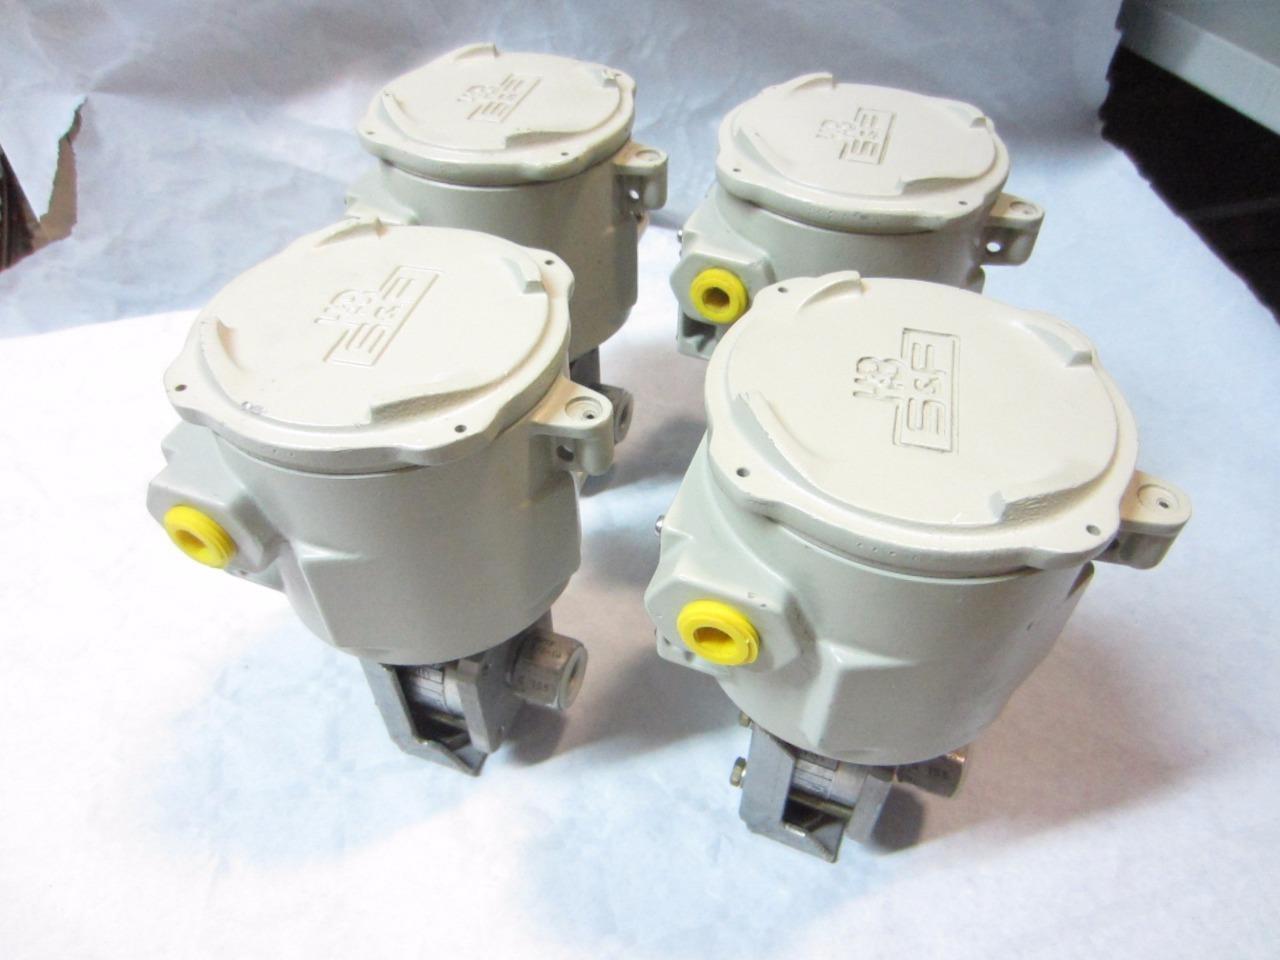 S&F Schoppe & Faeser GmbH Transmitter ARD 200 pressure vacuum Ex 4...20 mA NEW